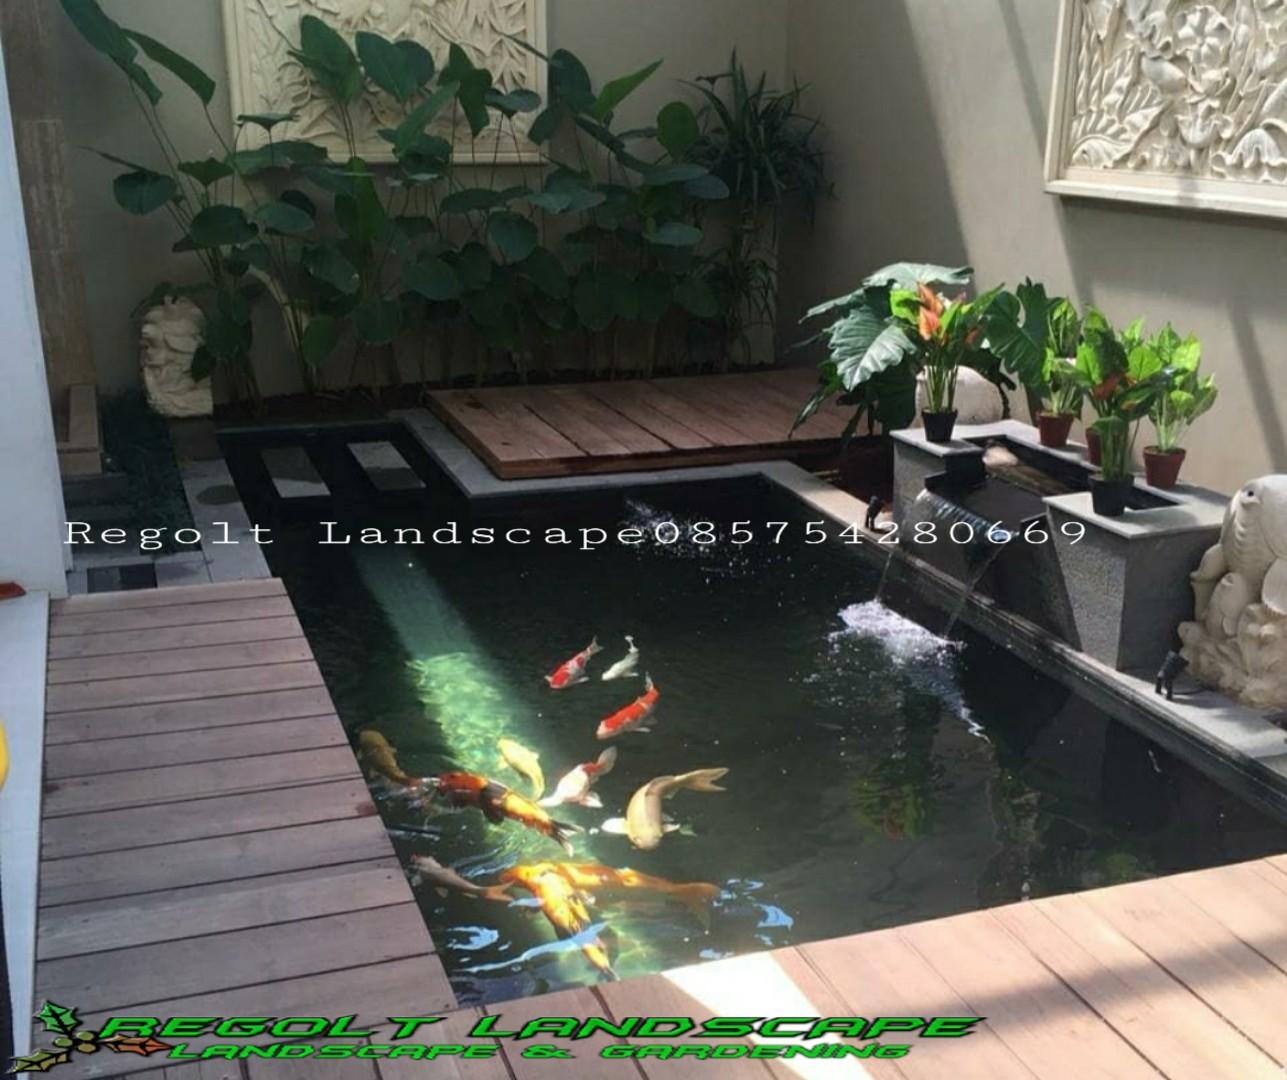 Jasa Pembuatan Kolam Ikan Koi, Kolam Minimalis Di Bali